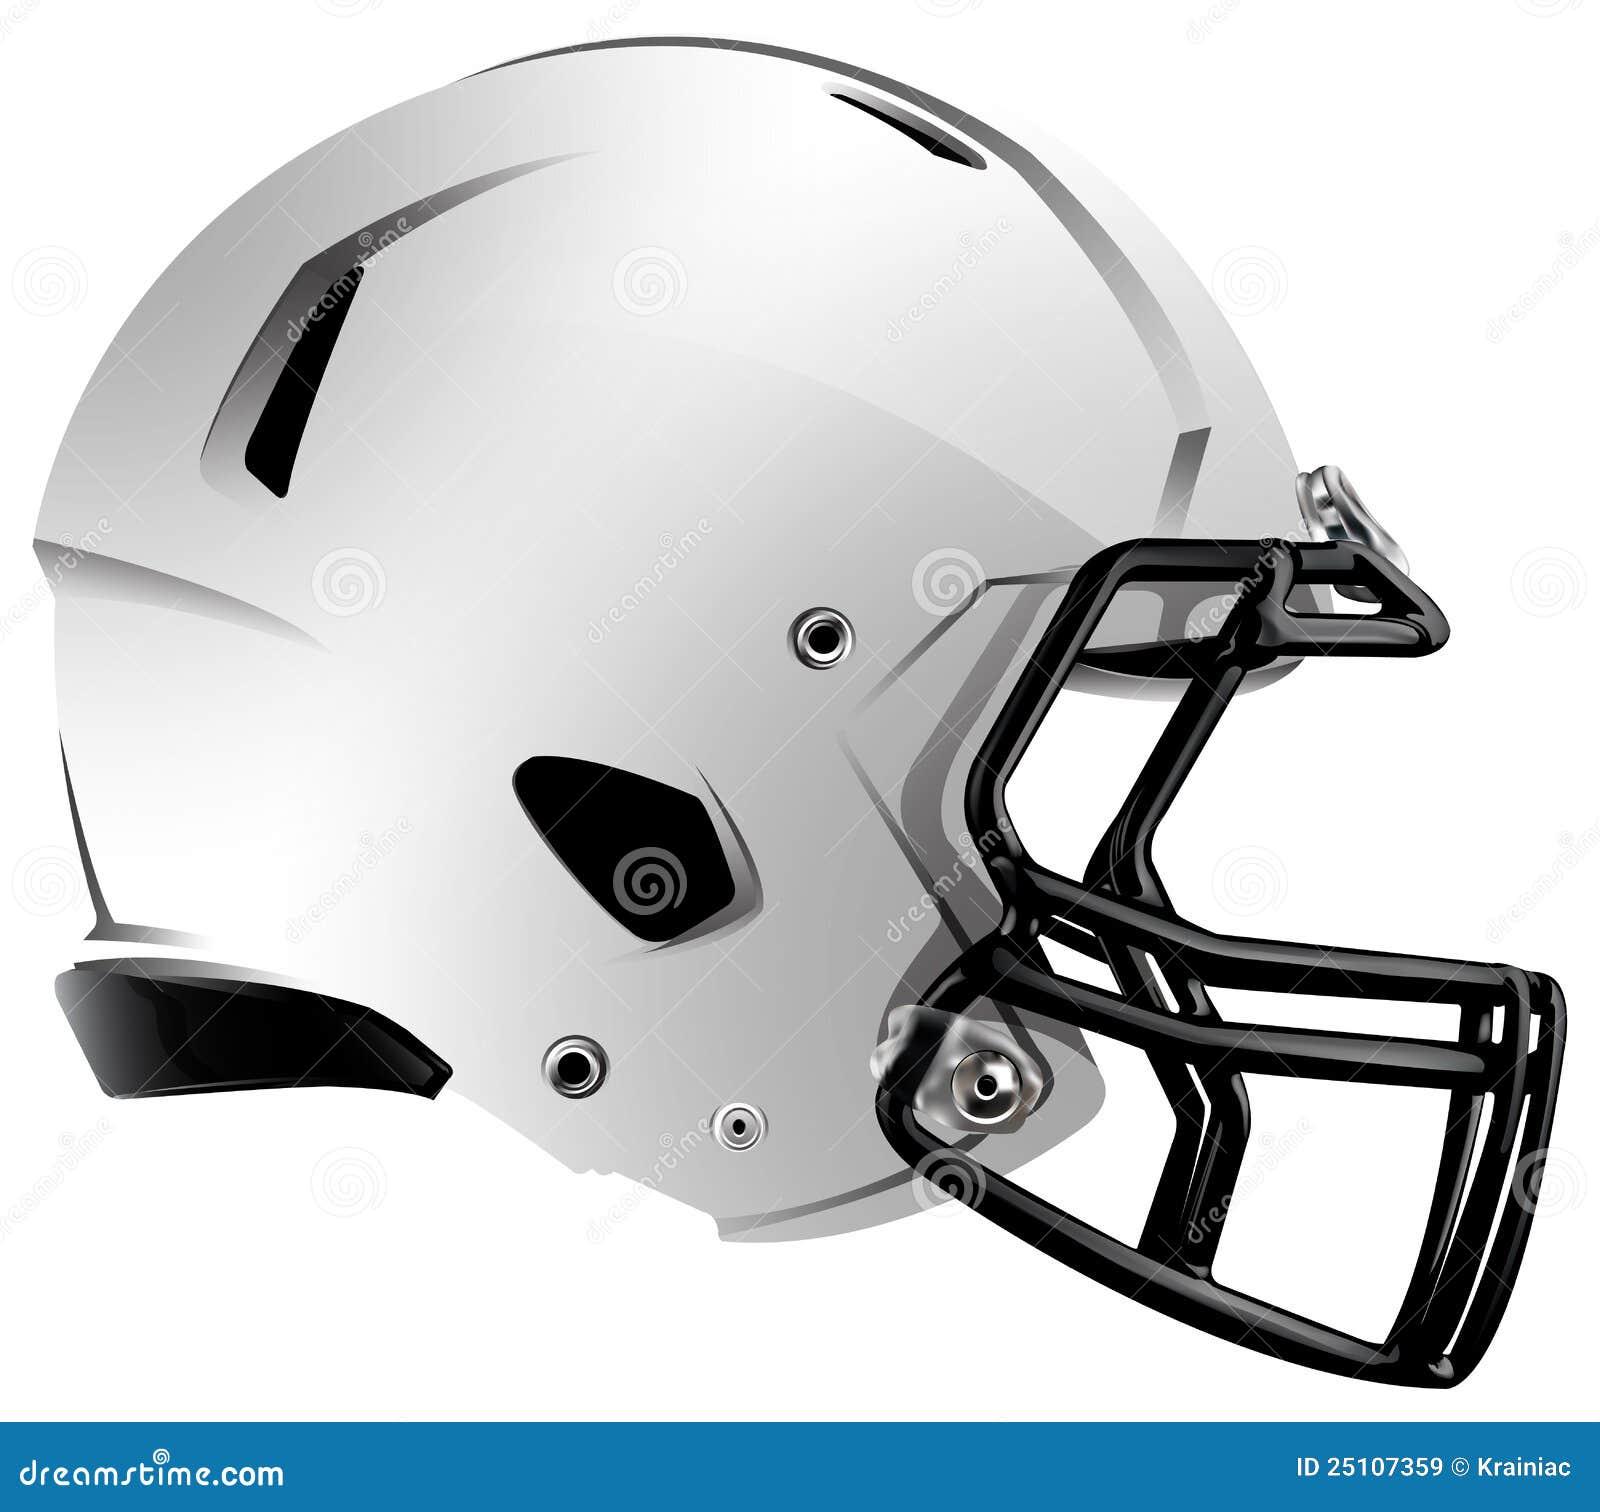 Helmet Graphics Design